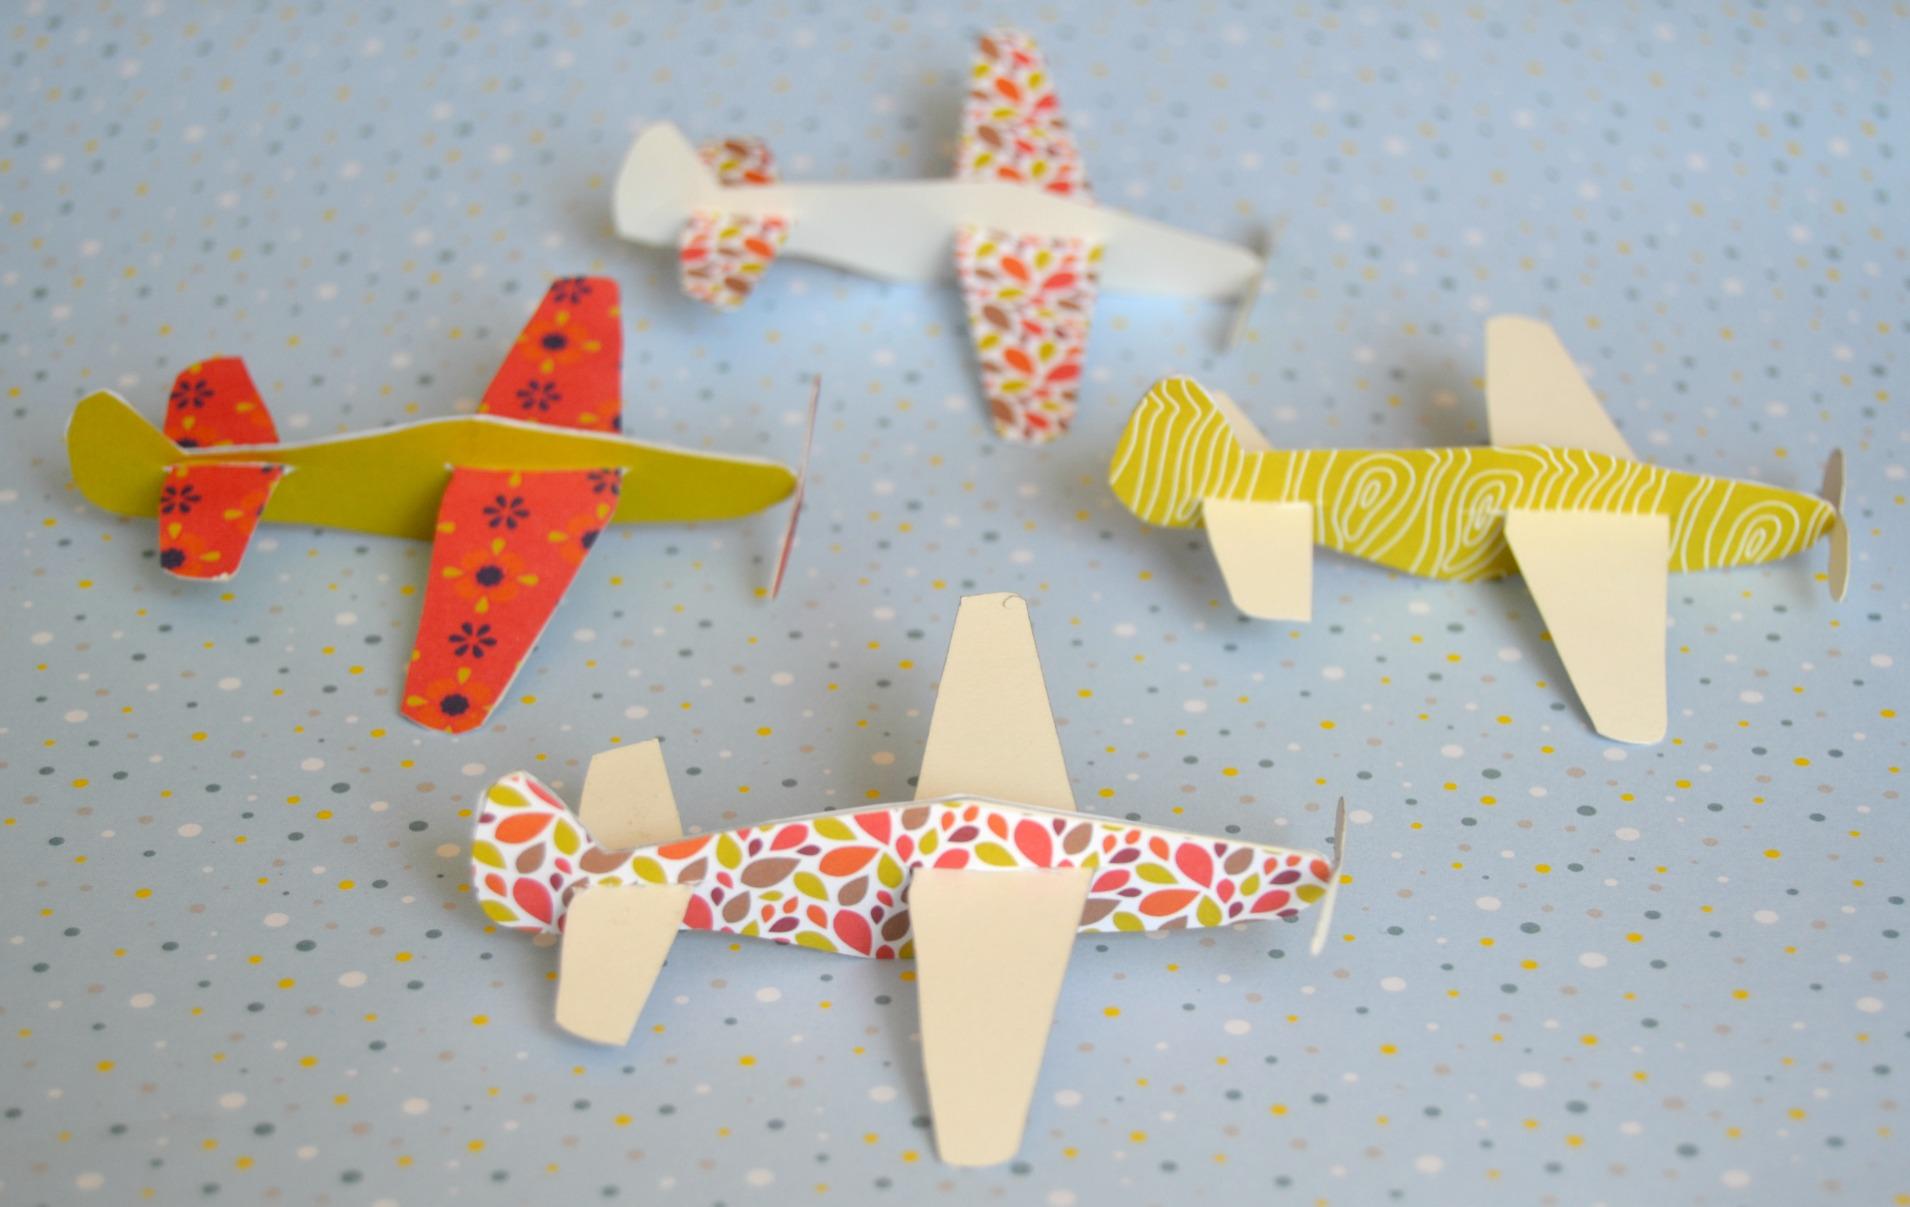 Activit enfant faire des avions en papier maman - Comment faire un porte avion en papier ...